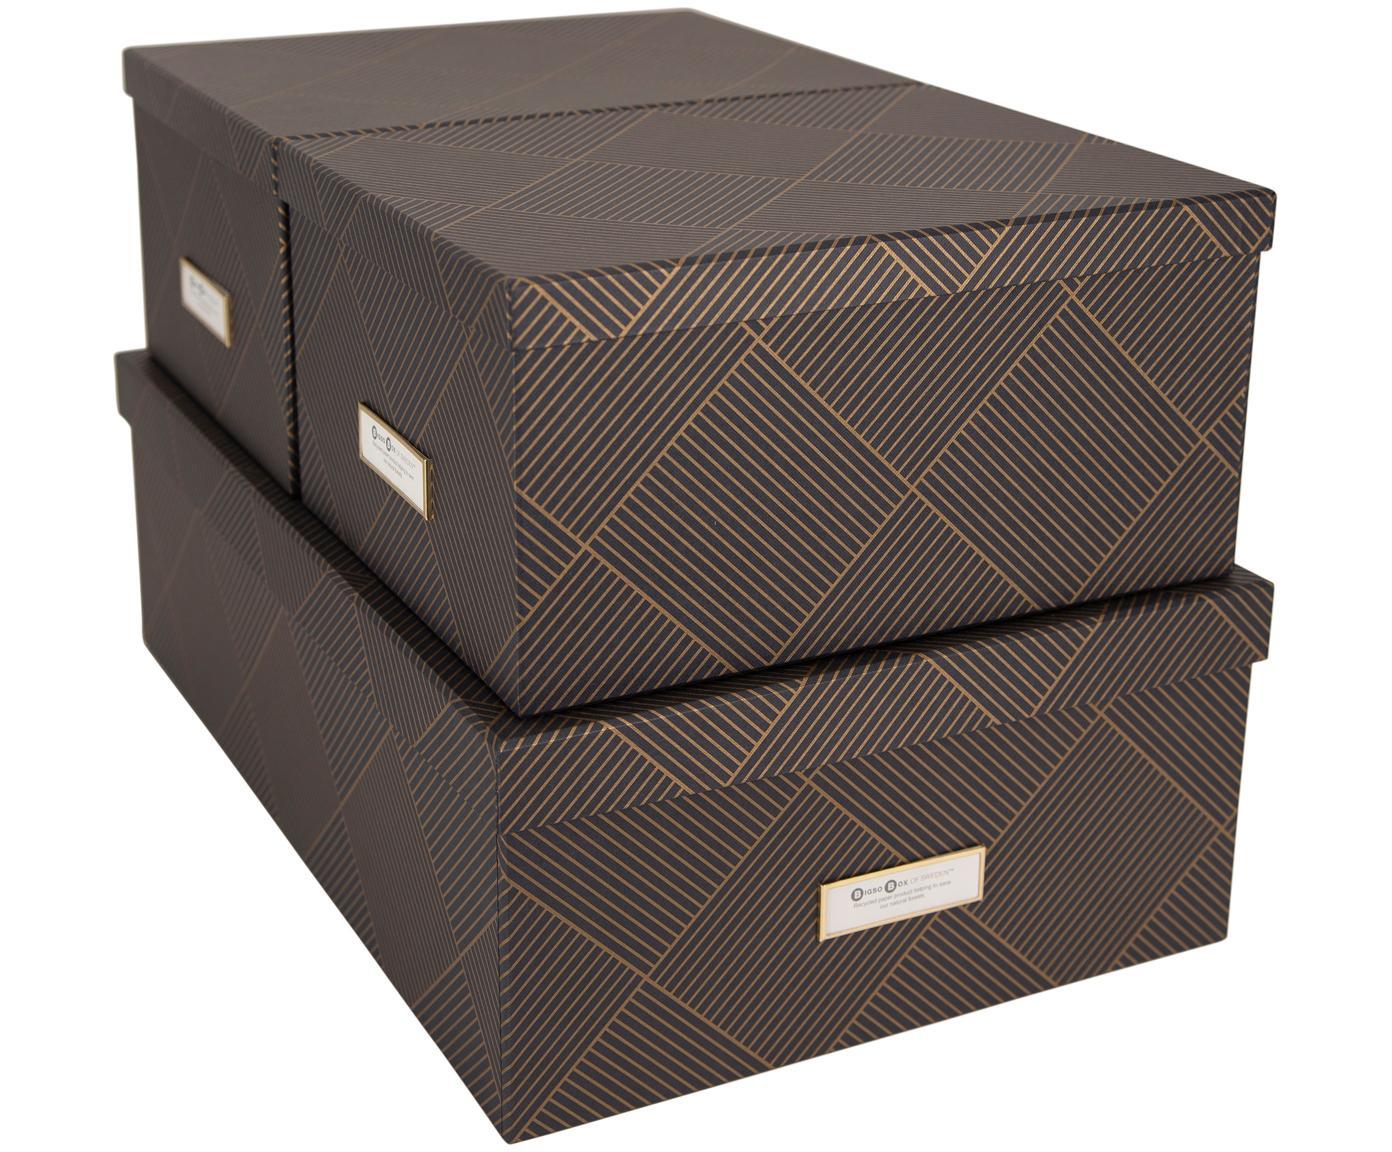 Set 3 scatole Inge, Scatola: solido, cartone laminato, Dorato, grigio scuro, Diverse dimensioni